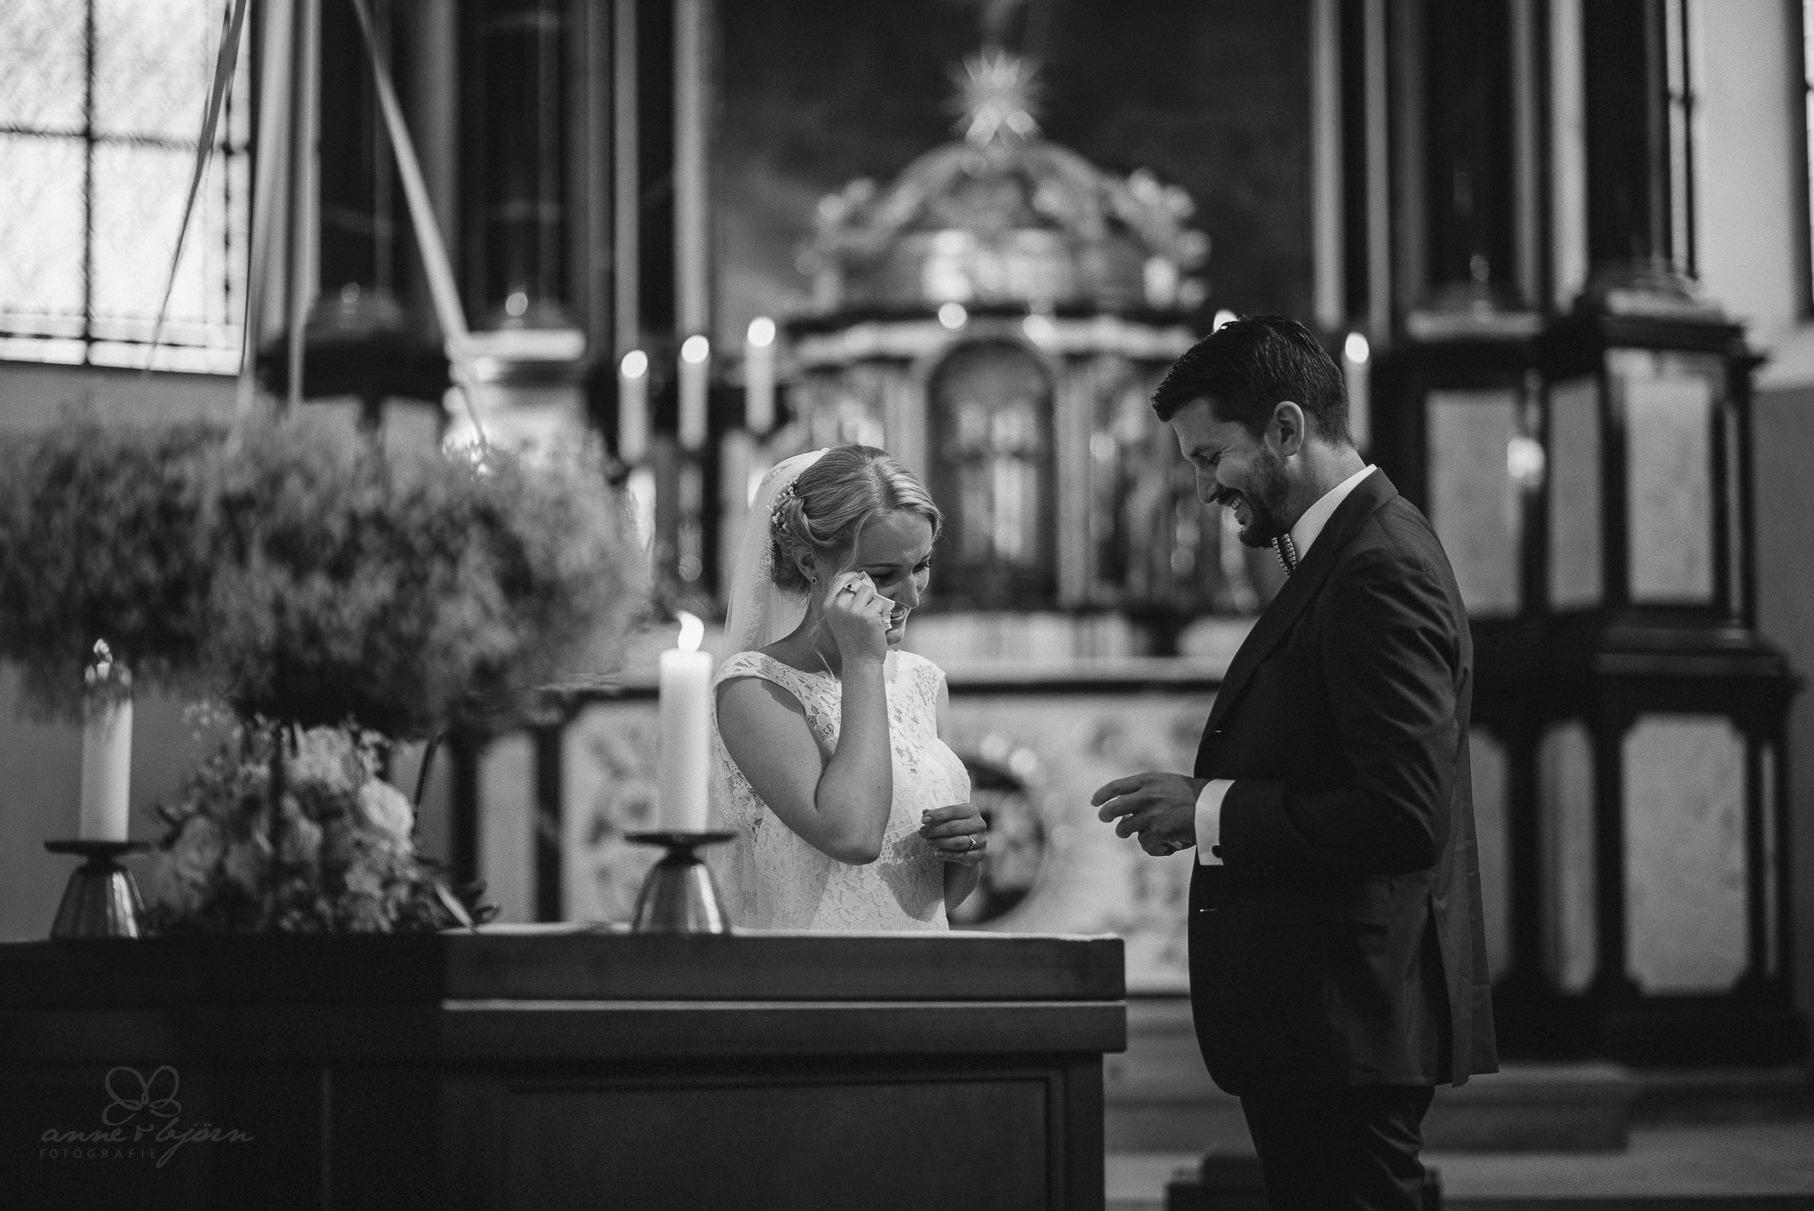 0049 anne und bjoern hochzeit schweiz d75 0090 - DIY Hochzeit in der Schweiz - Sabrina & Christoph